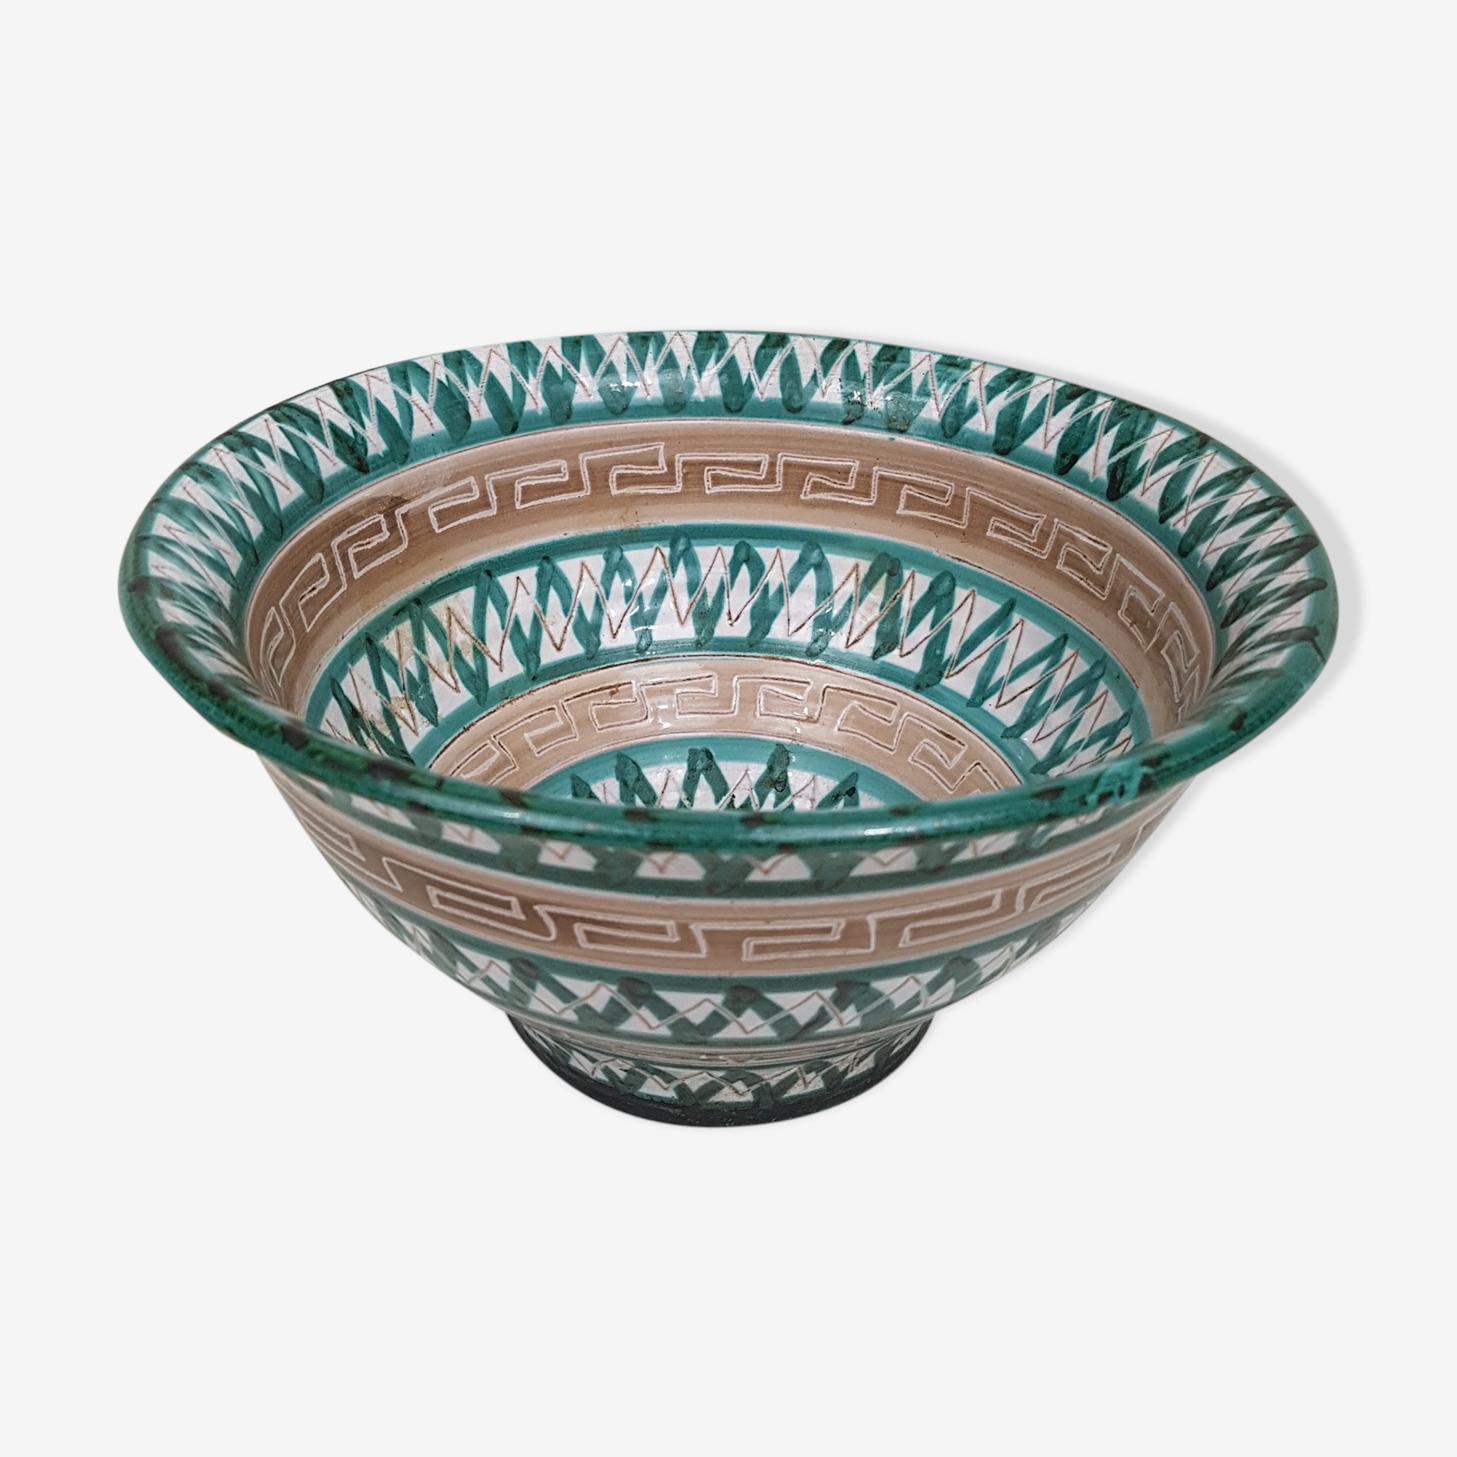 Robert Picault Vallauris ceramic bowl